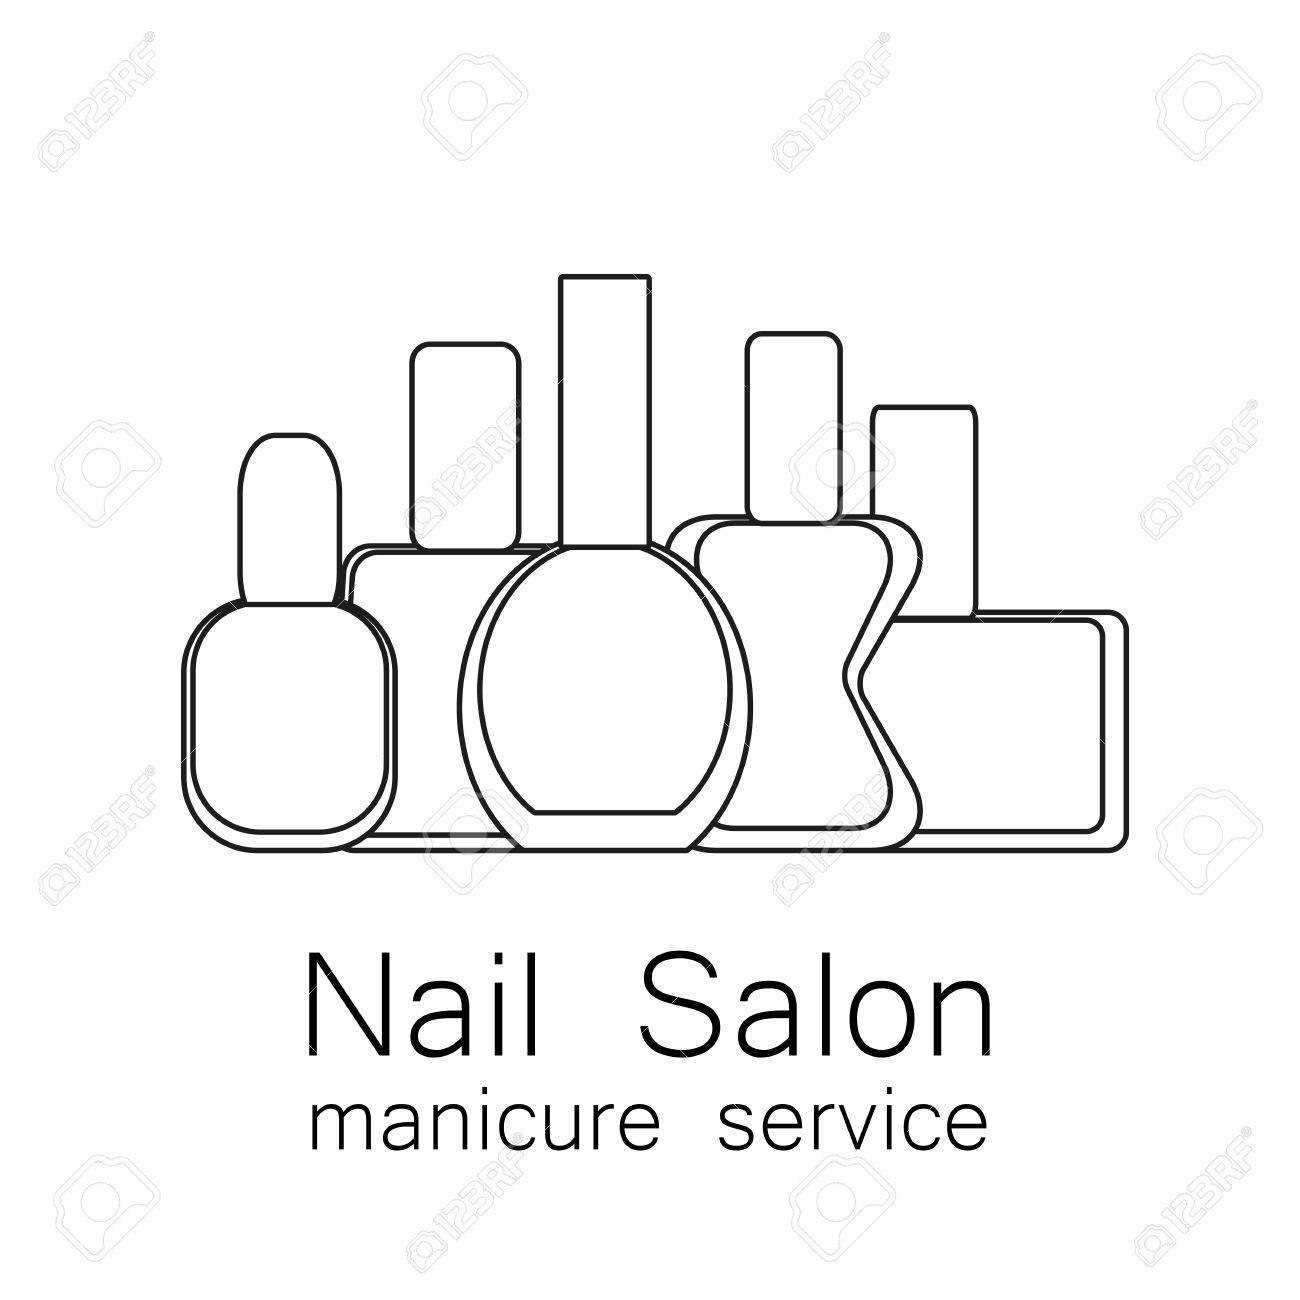 ネイル サロン アイコン。  ベクトルの爪のポーランド語のアイコン。マニキュアのシンボルです。白地にシンプルな線形なマニキュア。化粧品のラベルです。ベクトルの図。